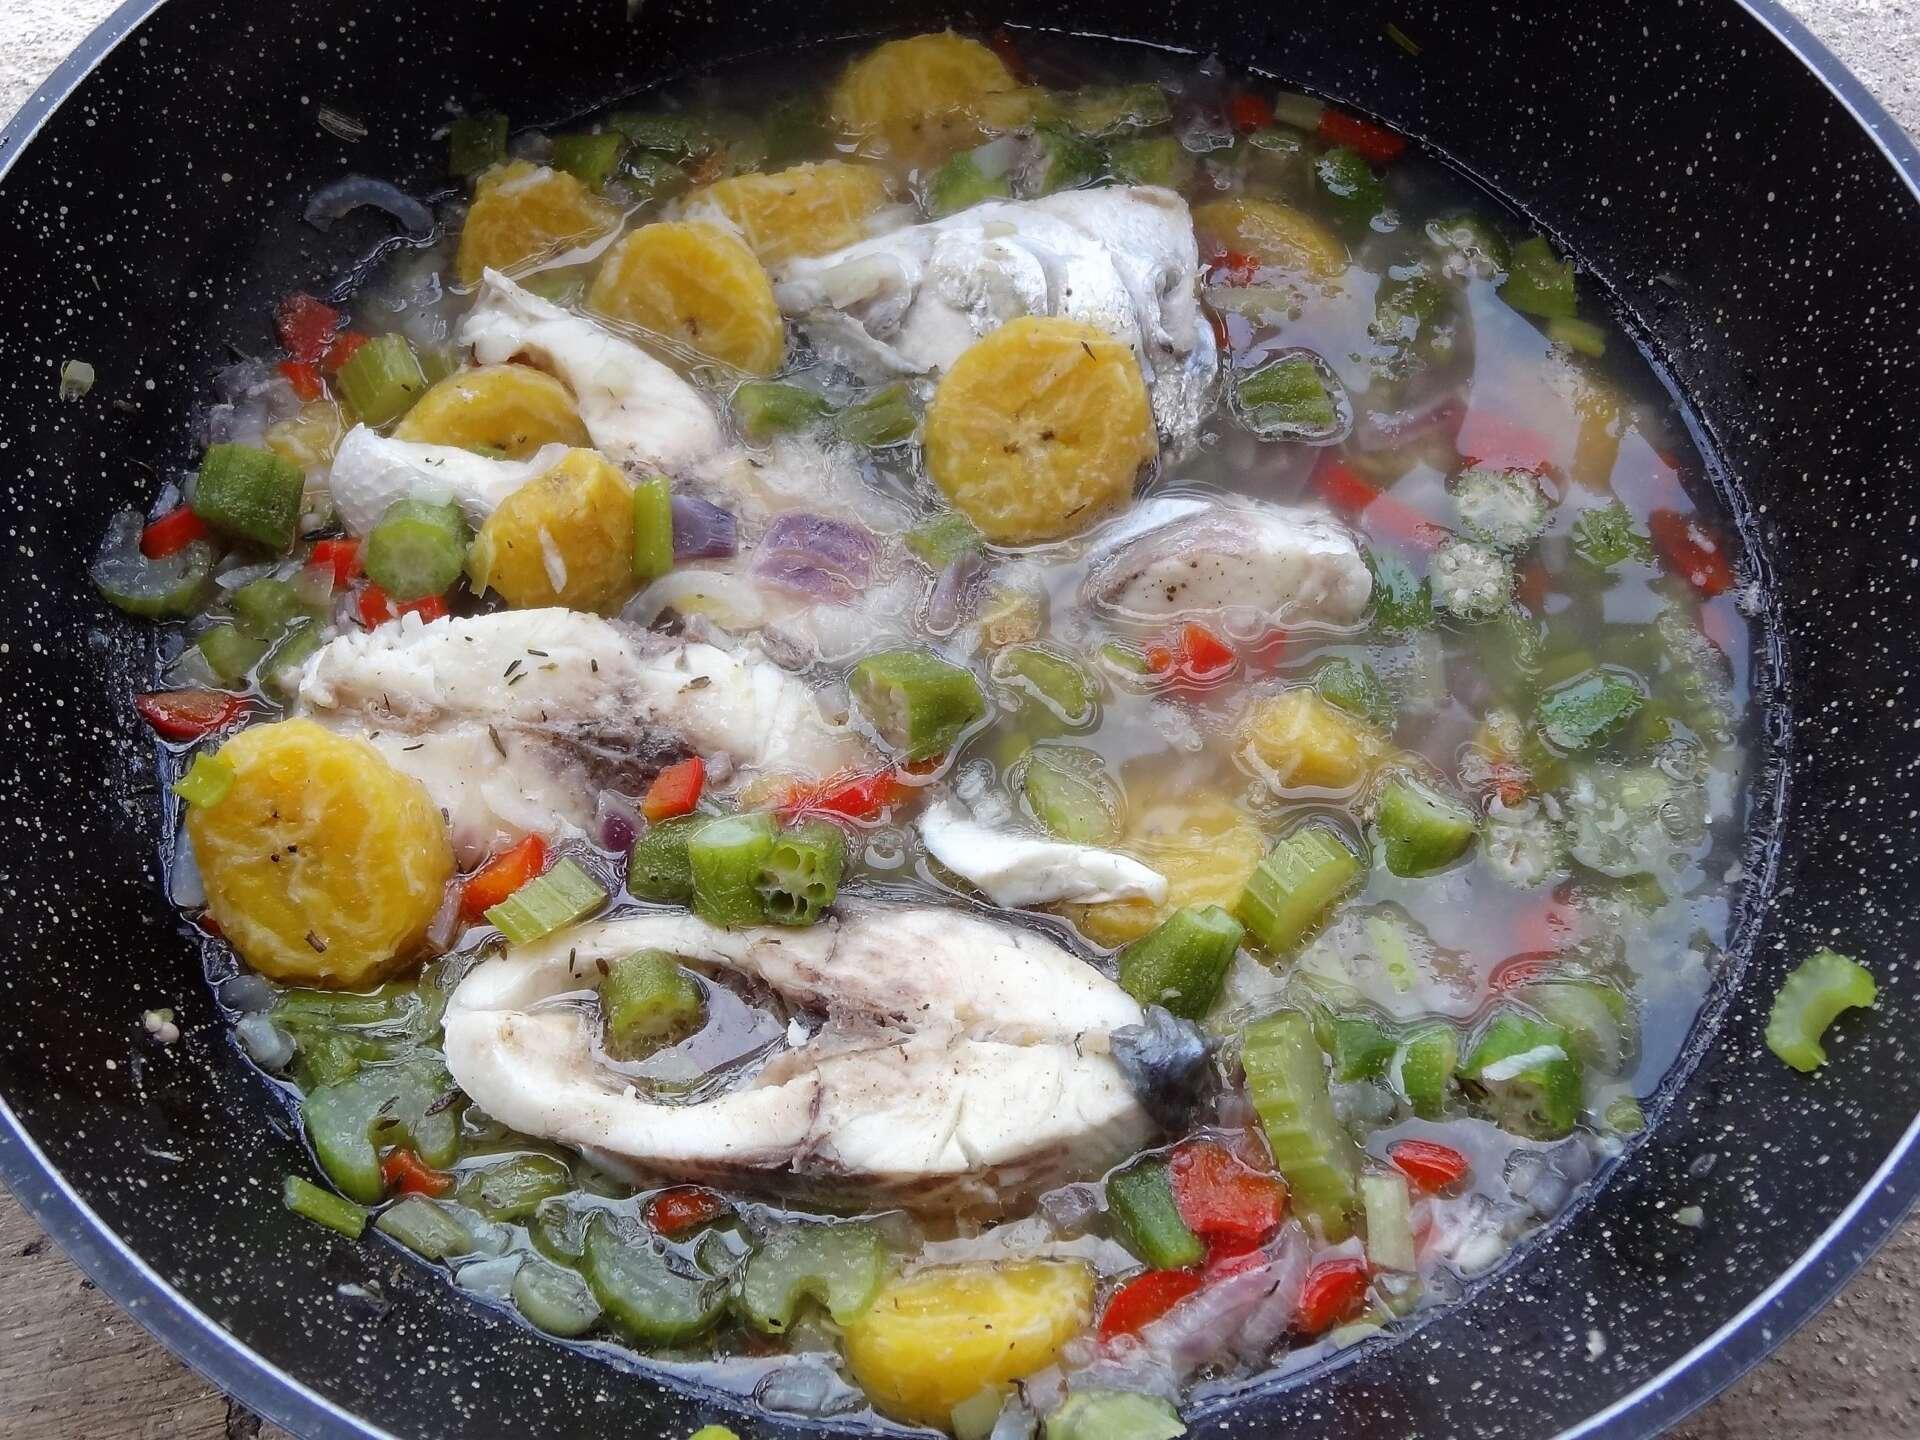 Bouillon de poisson antiguan fish broth antigua et barbuda for Antiguan cuisine